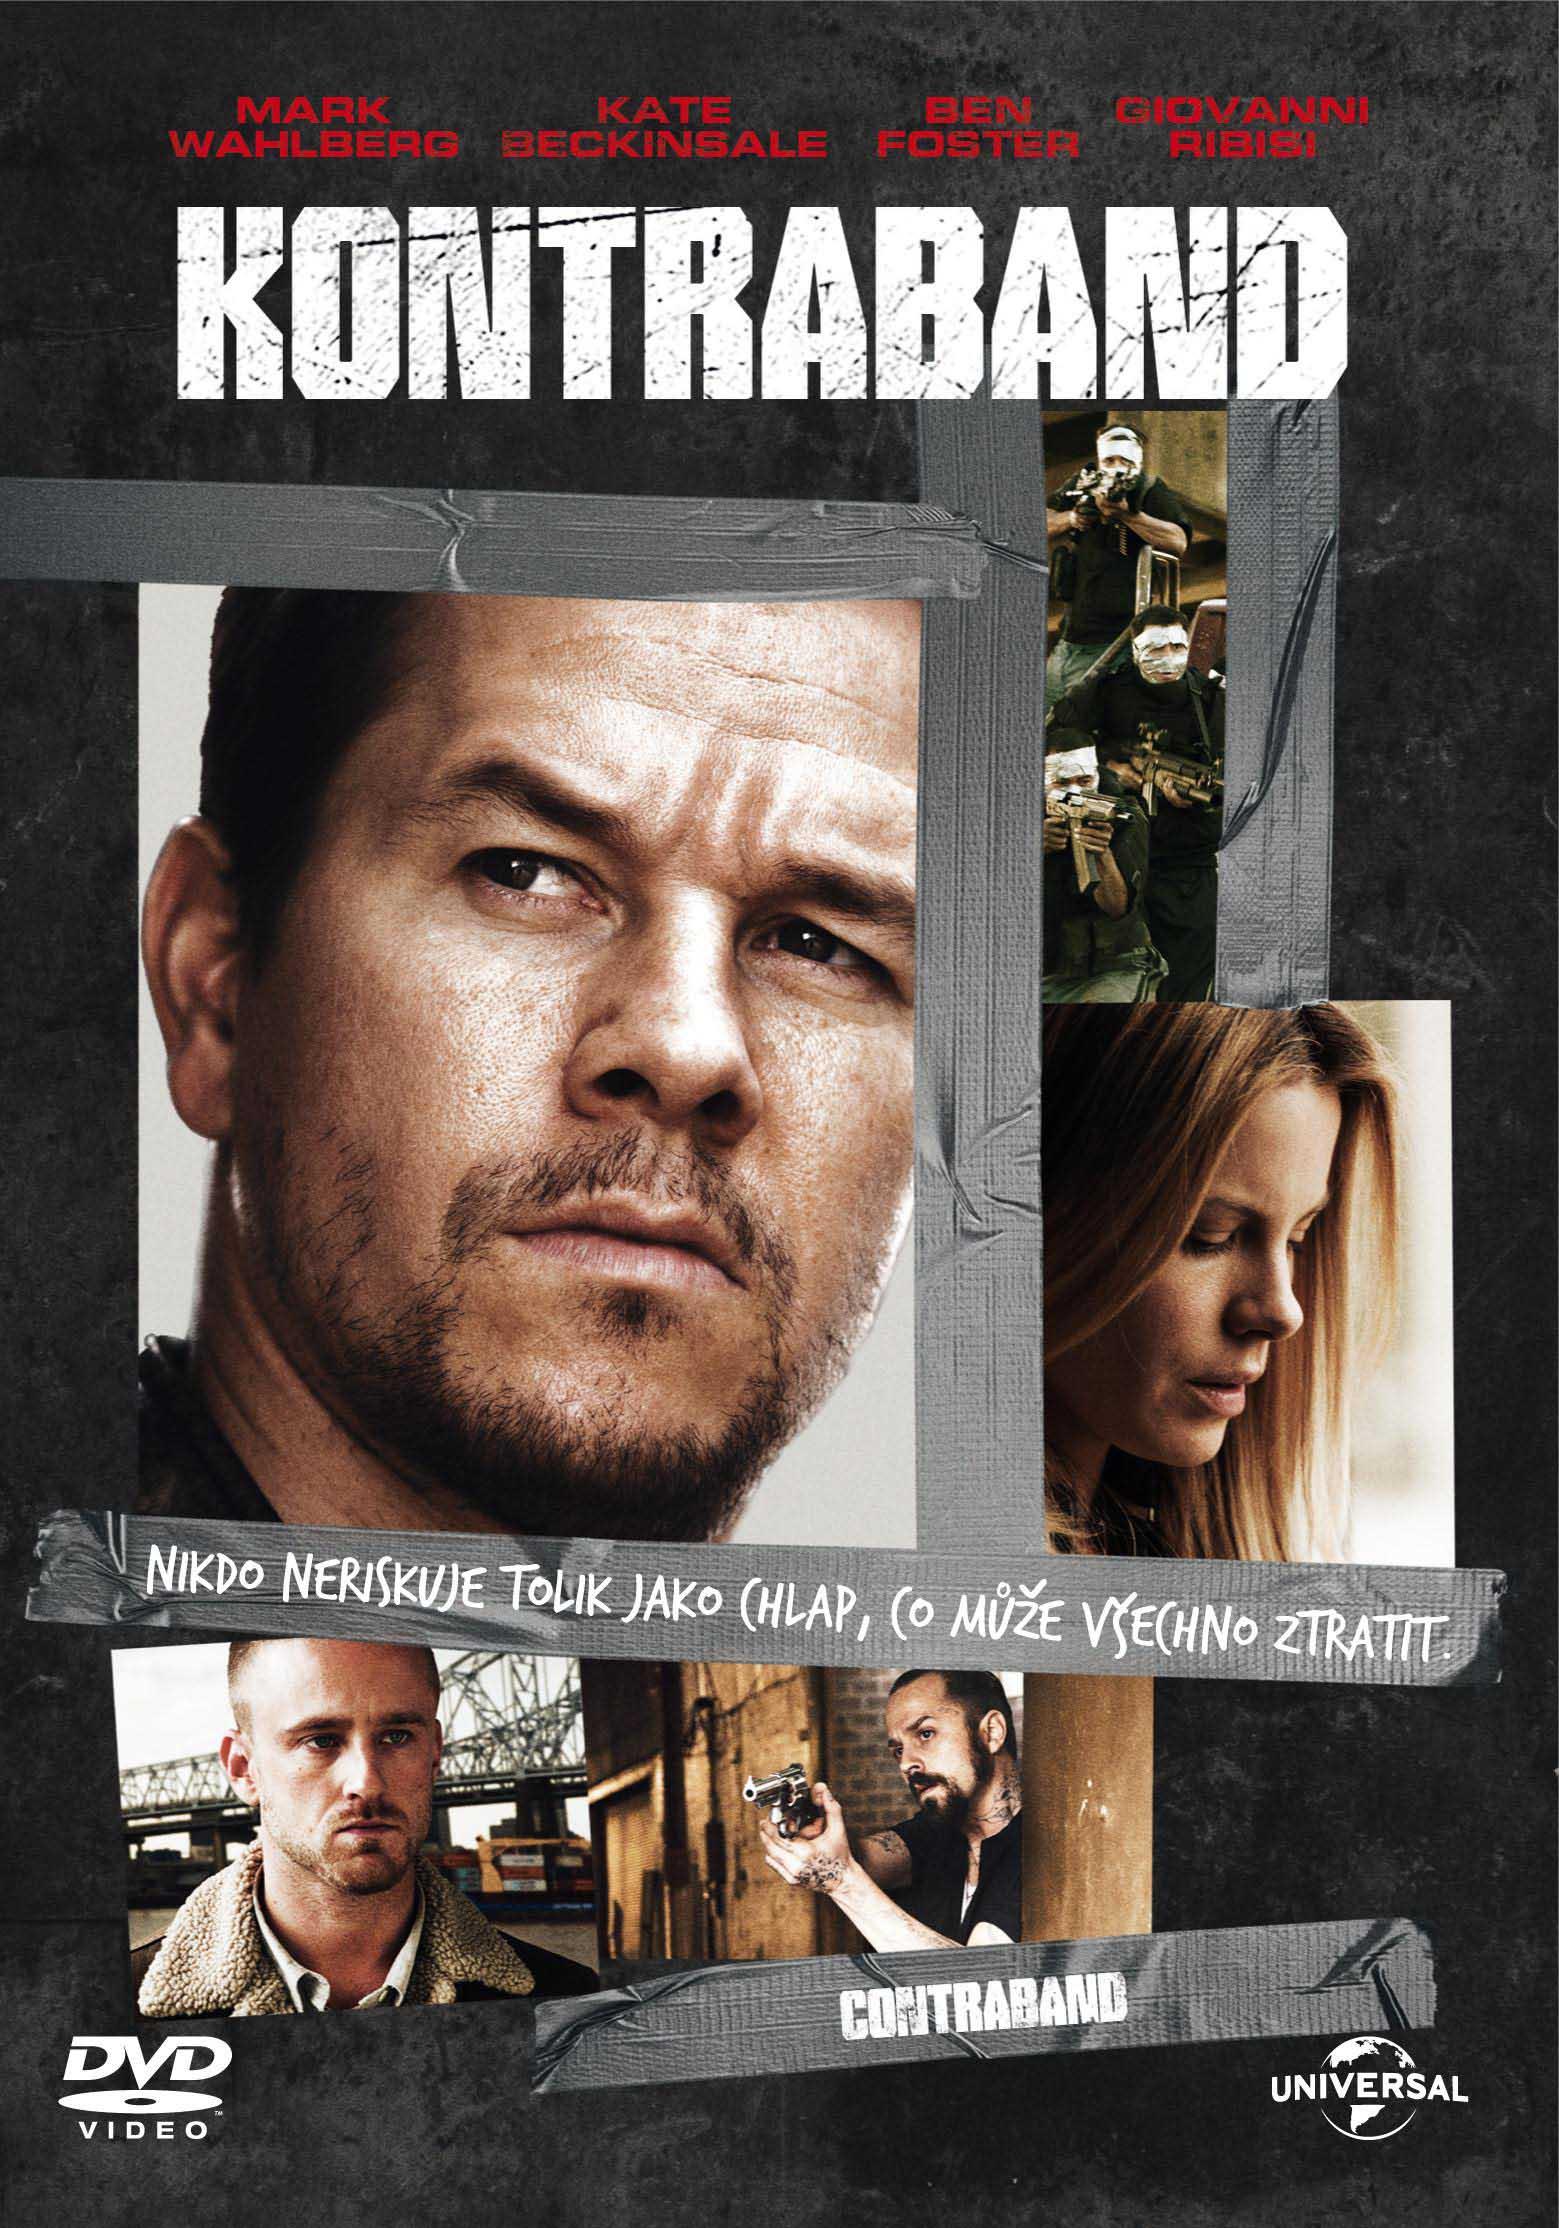 KONTRABAND (2012) - DVD